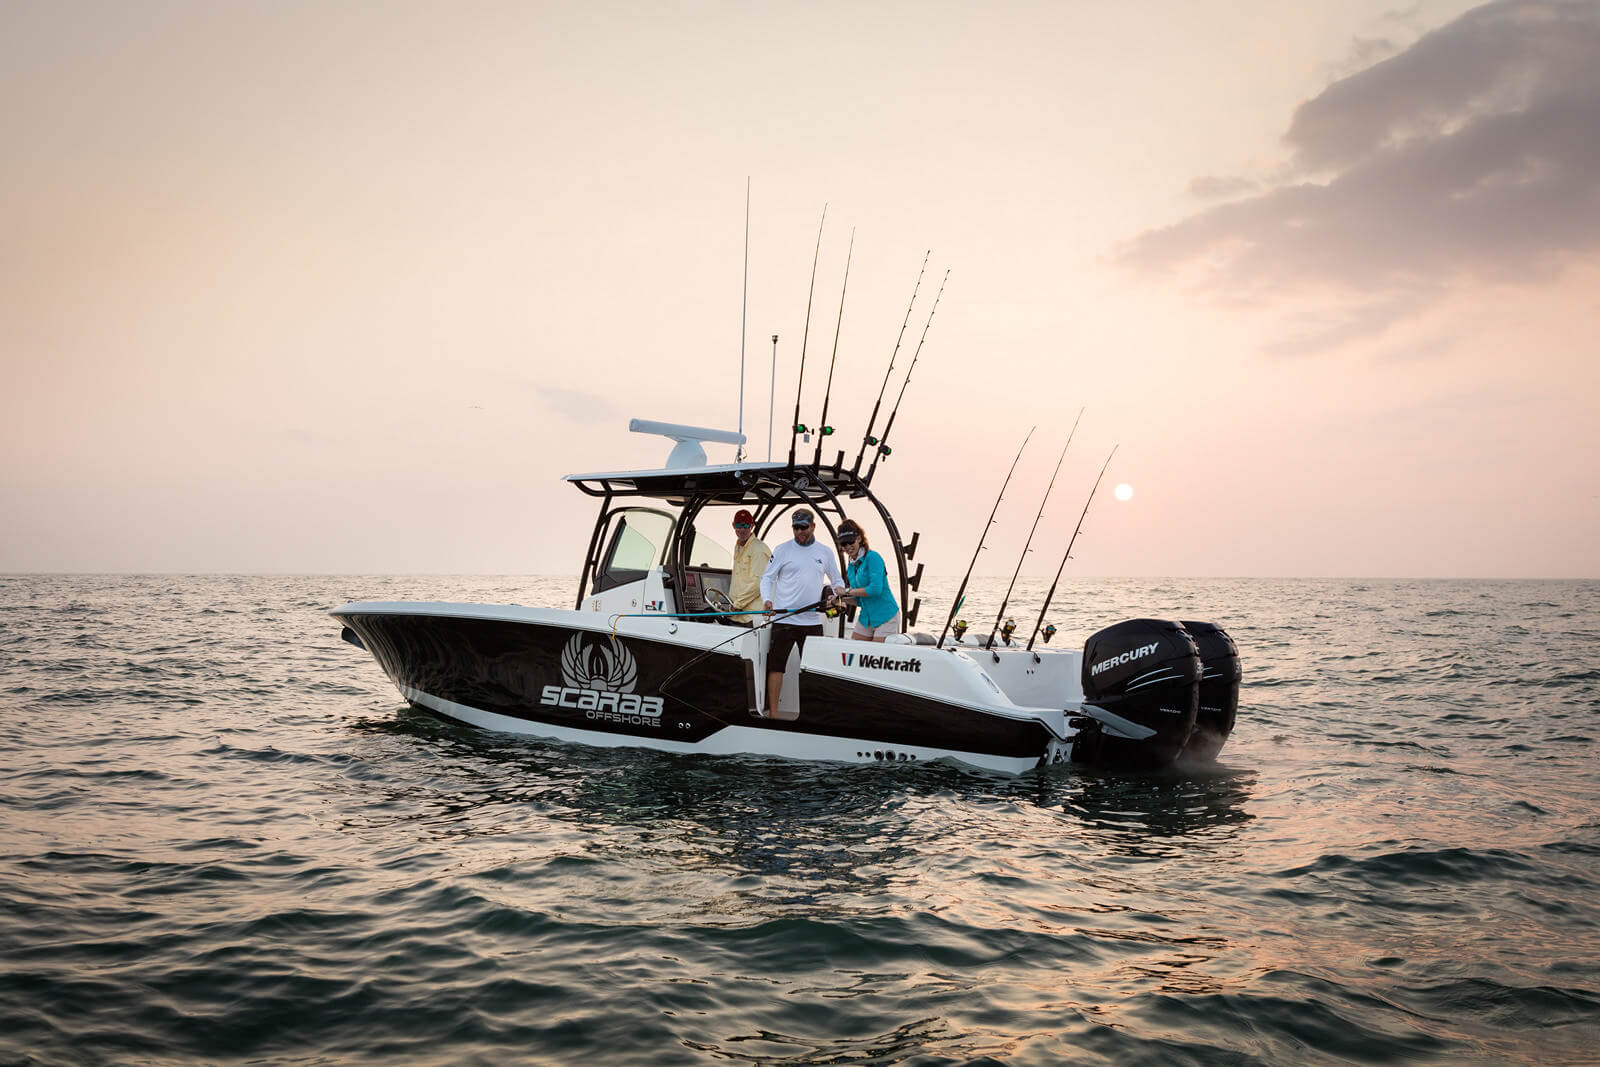 סירת דייג Wellcraft Fisherman 302 - Wellcraft Fisherman 302 - Stream Yachts